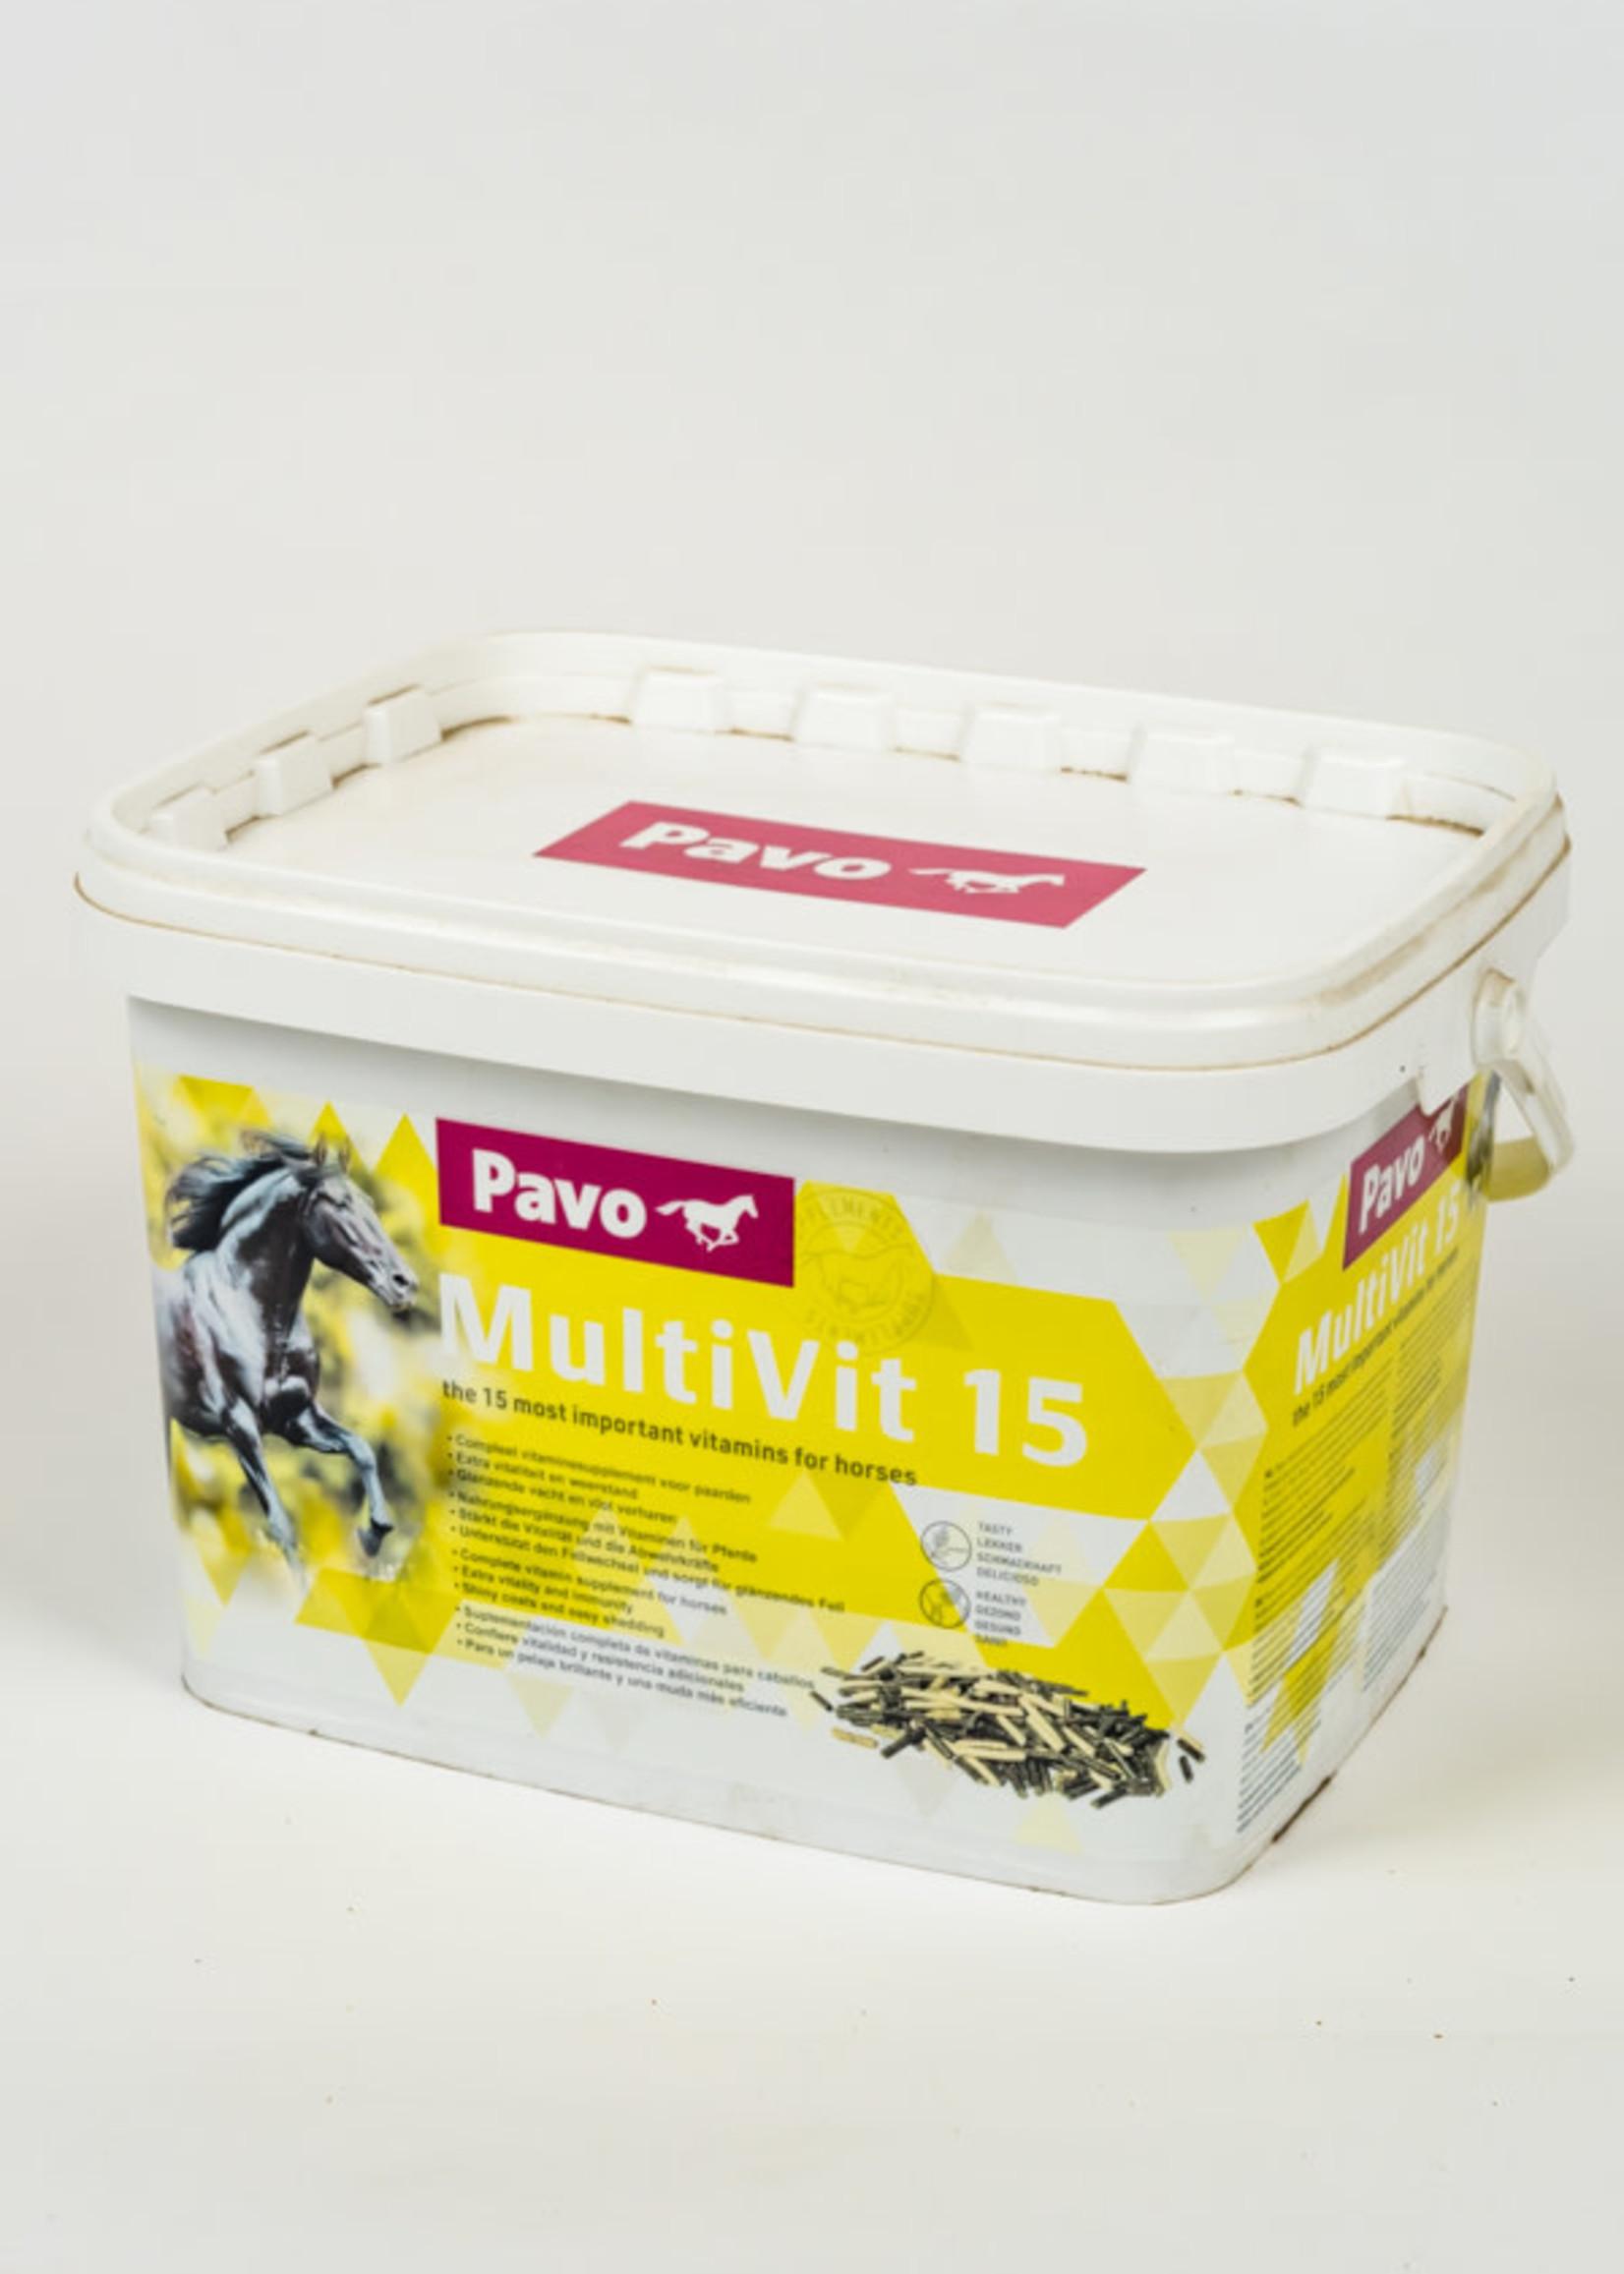 Pavo Pavo Multivit 15 3 kg